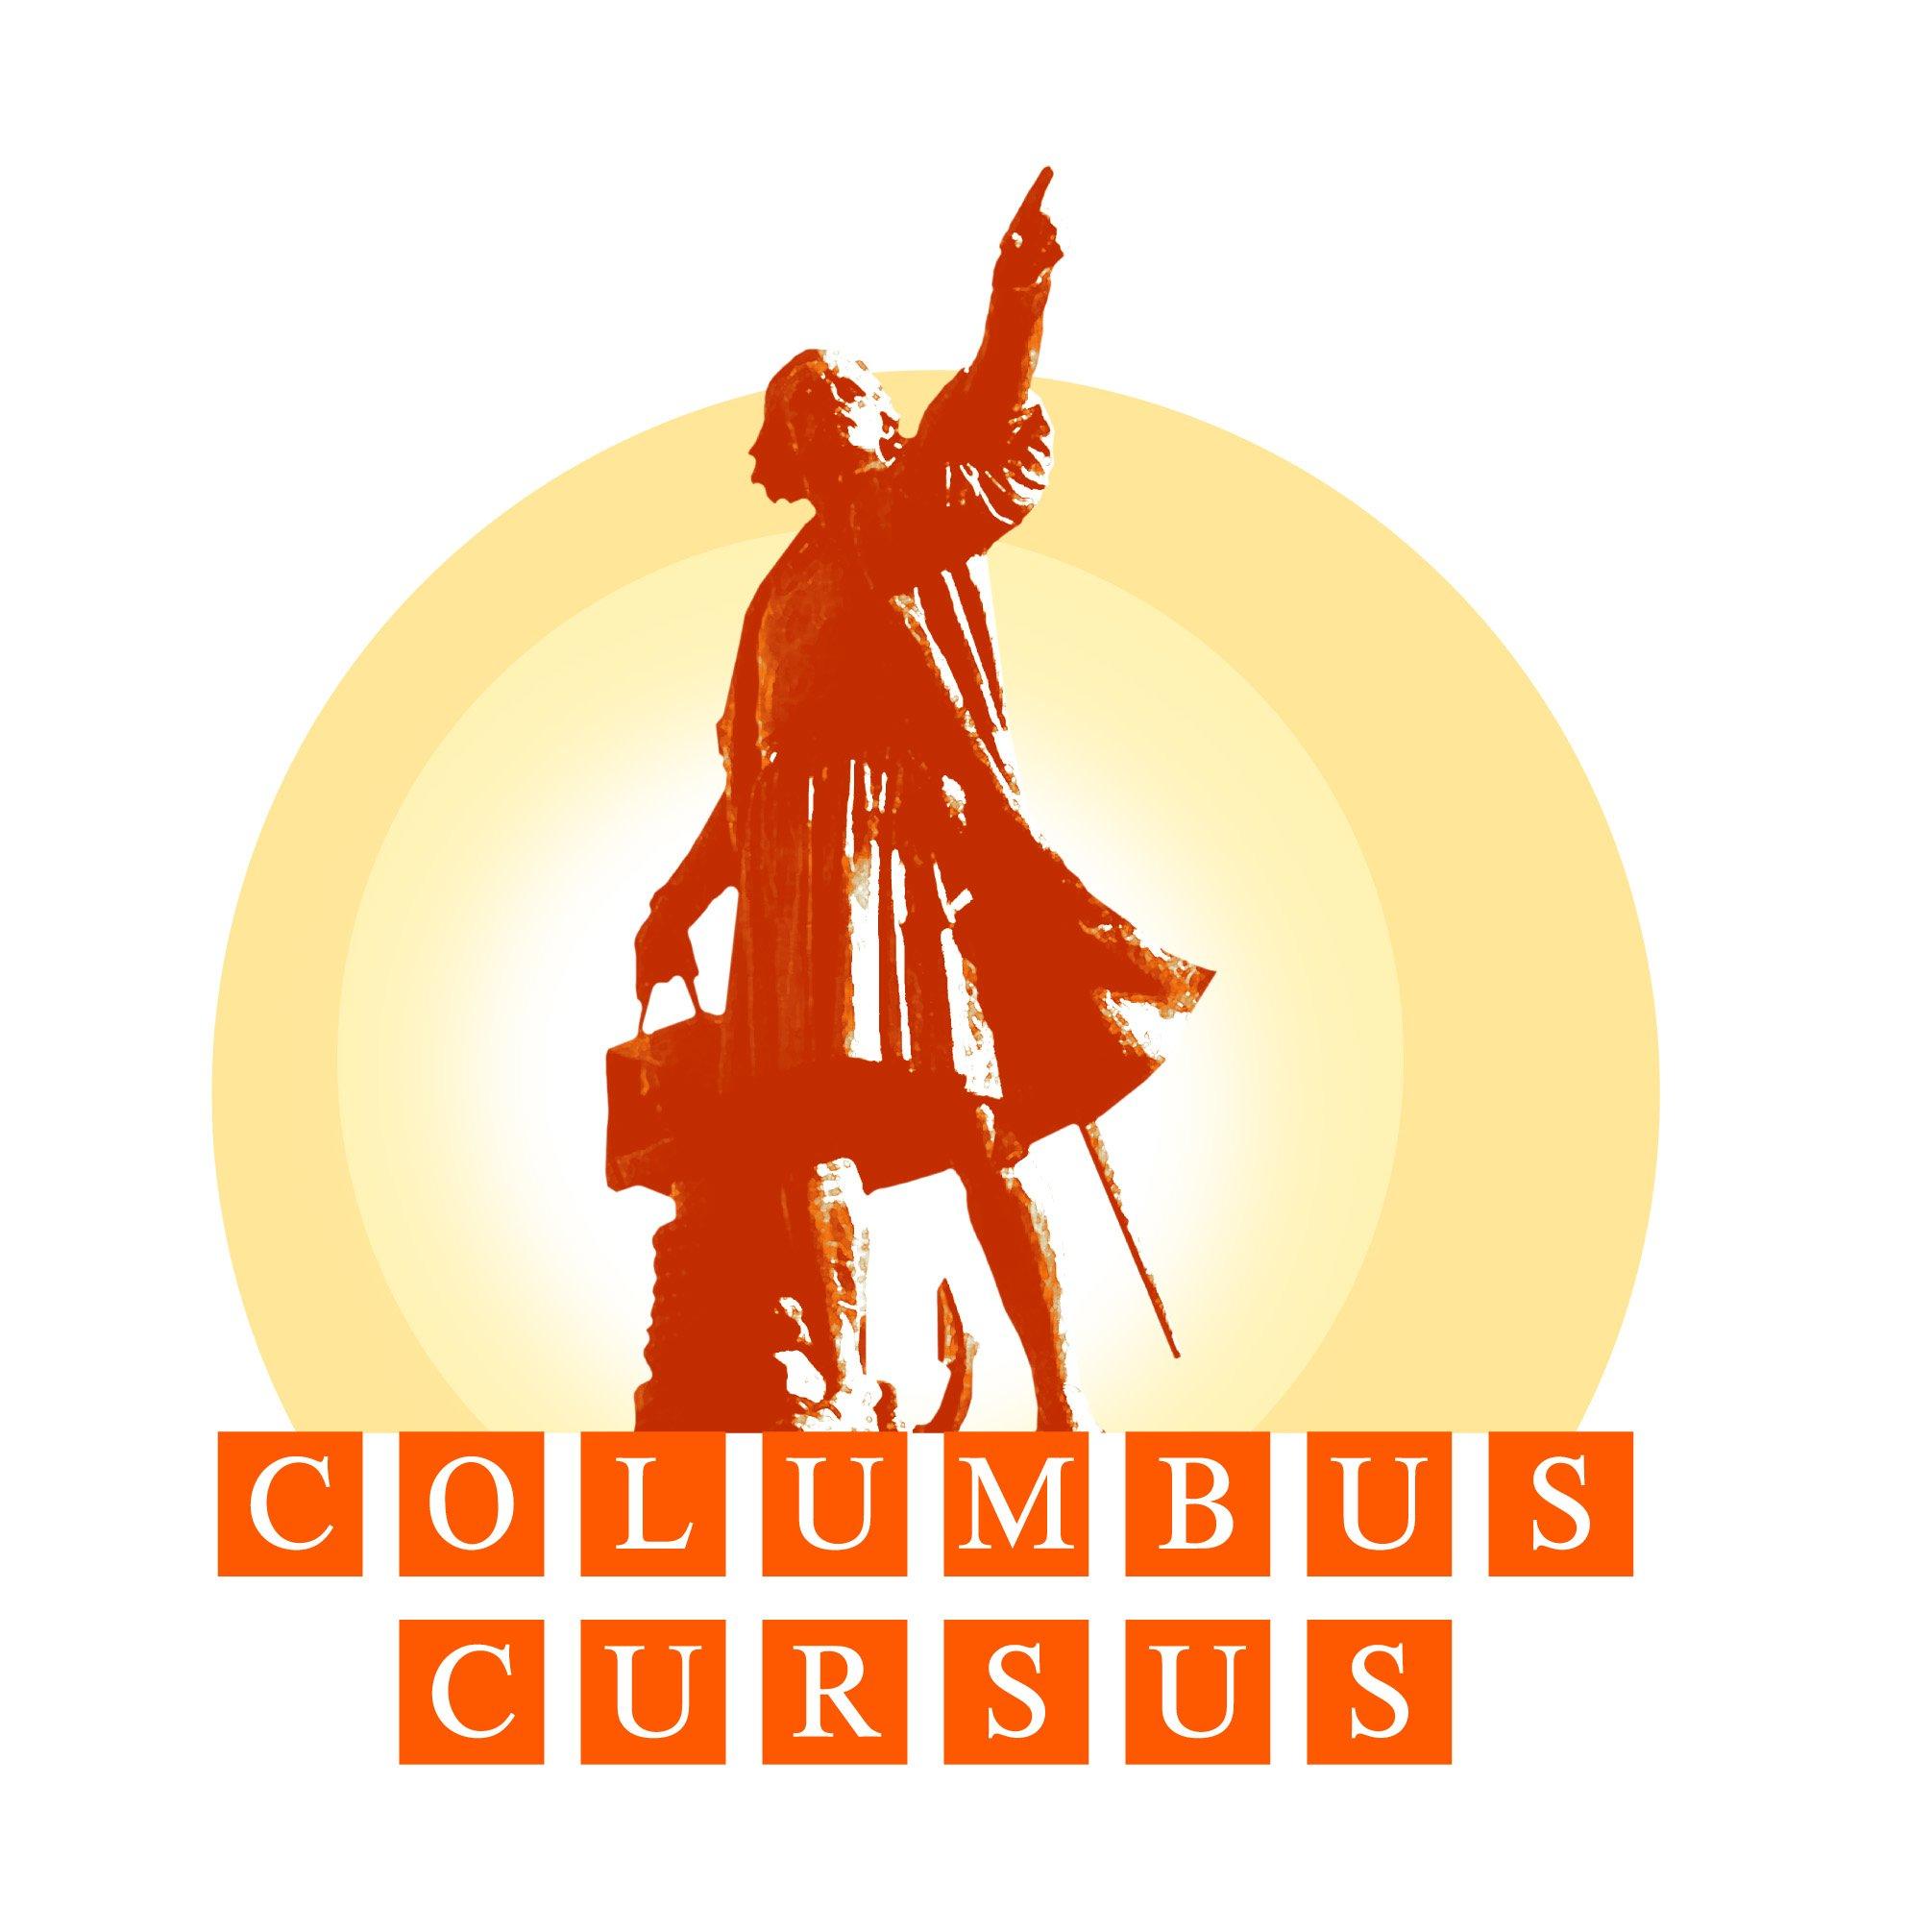 columbus_cursus_logo